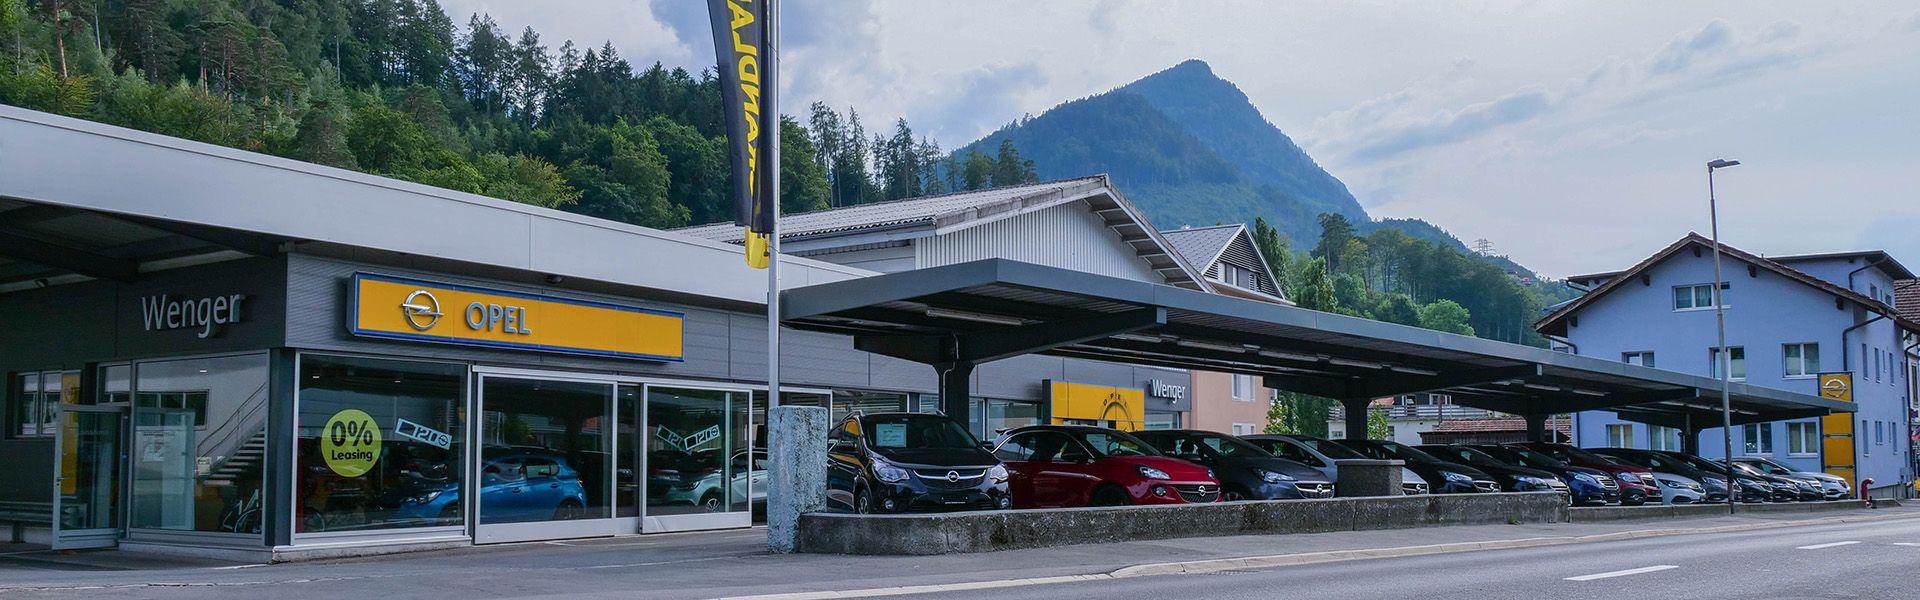 VW, Audi, Opel - Ihr neues Auto steht bei uns